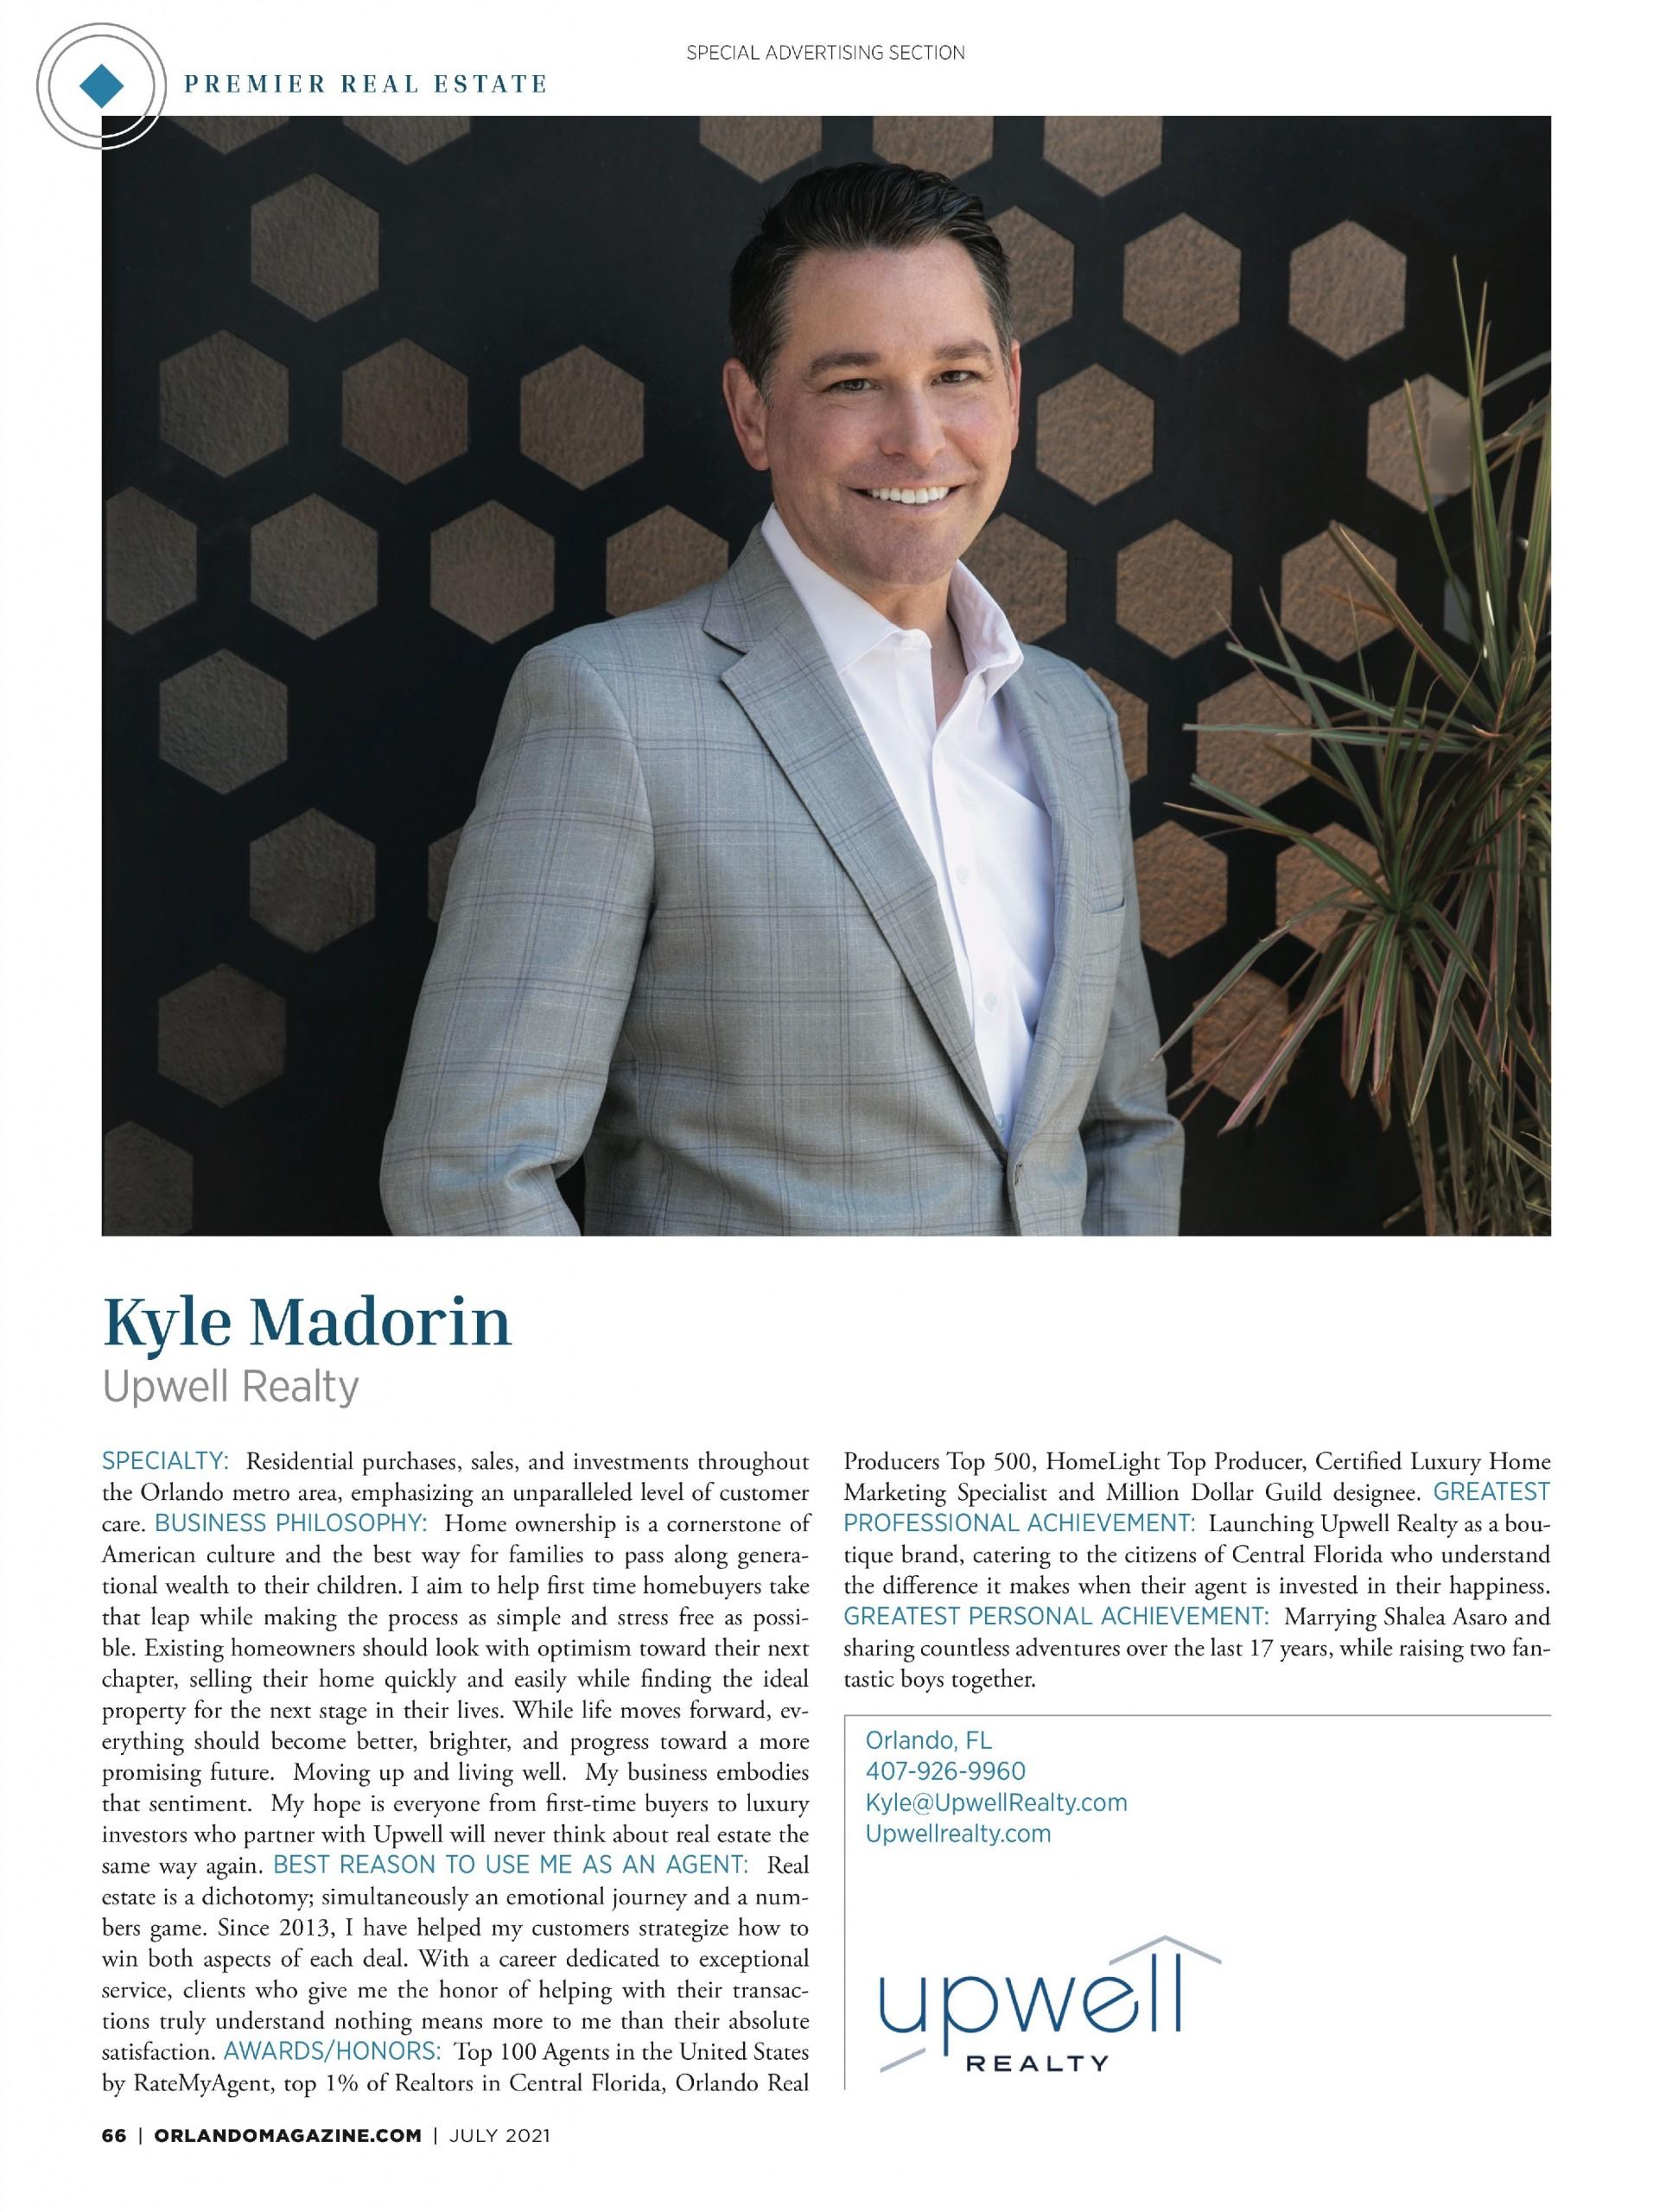 Madorin, Kyle